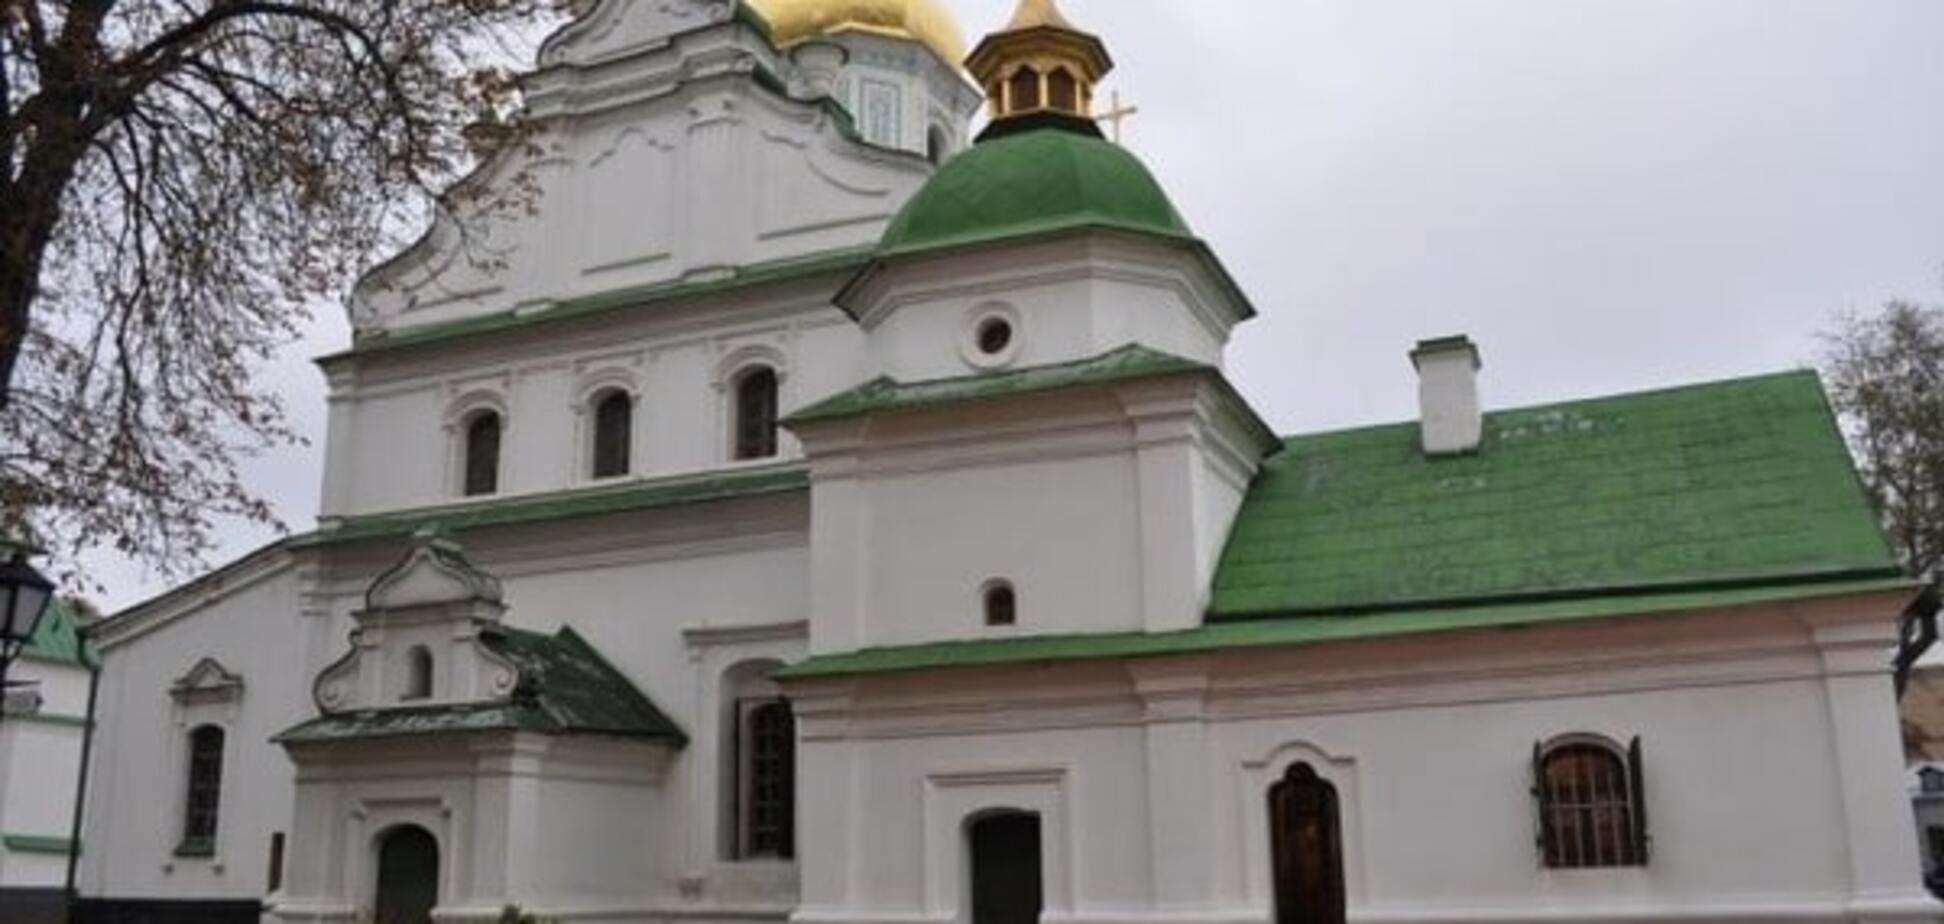 Все решено: глава Минкульта объяснил, почему УПЦ КП разрешили служить в Софии Киевской